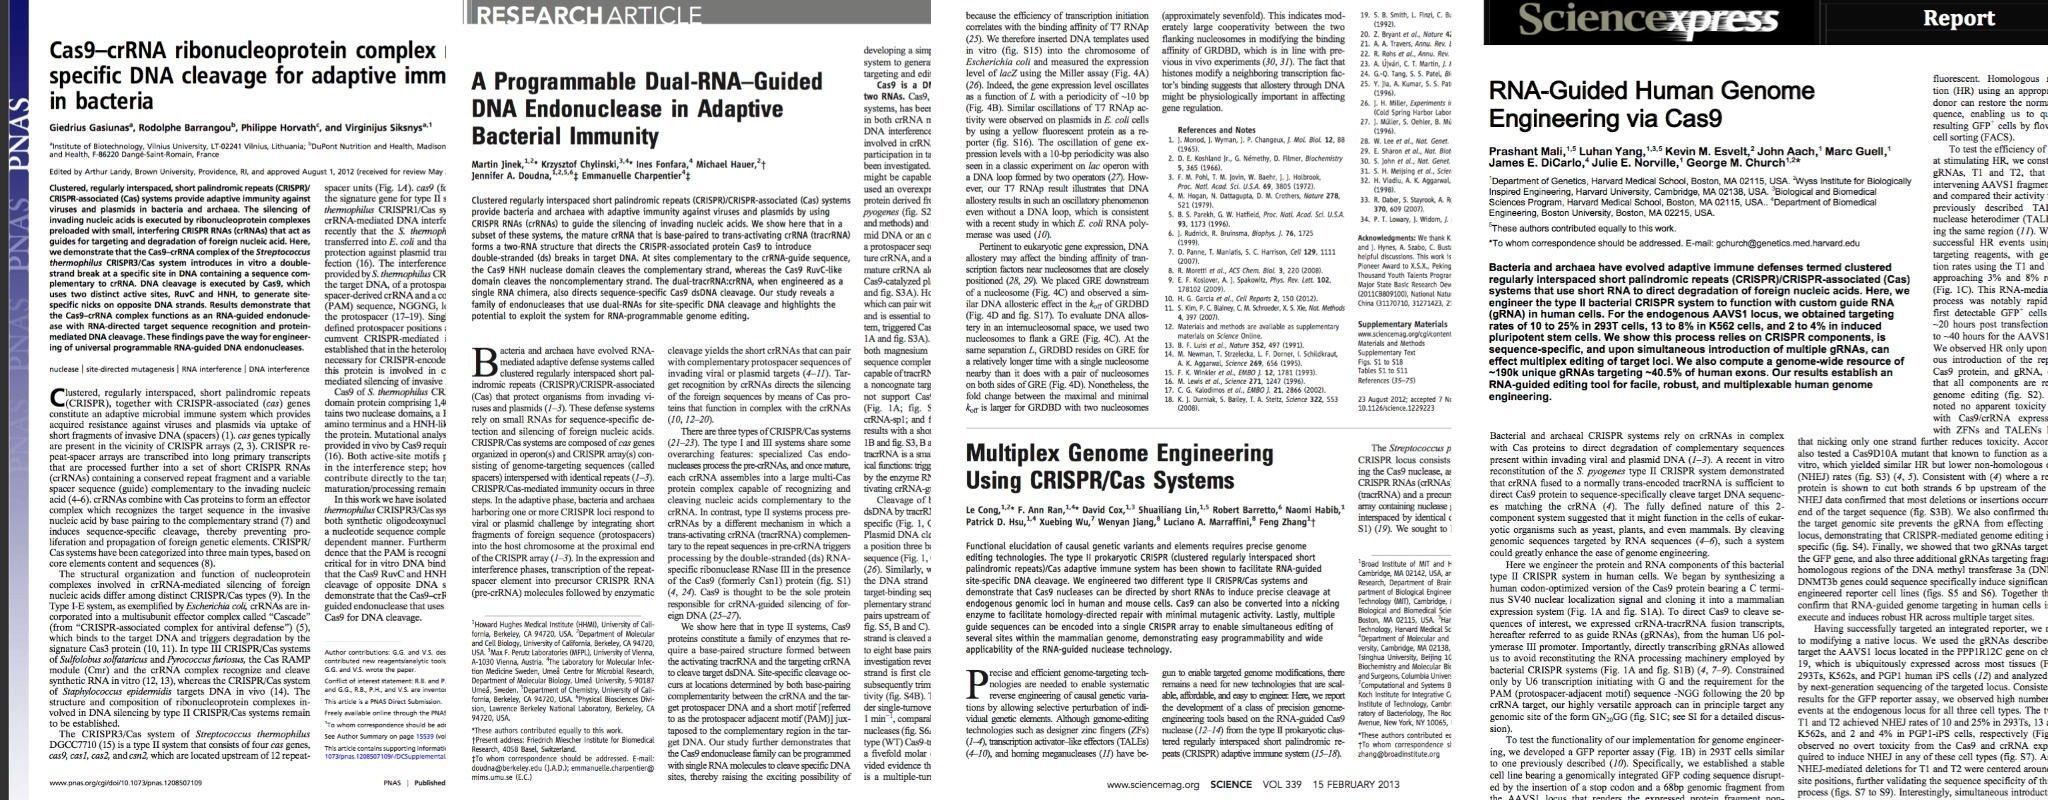 Die ersten Seiten der vier wichtigen Fachartikel mit den Berichten über CRISPR/Cas9als Genschere.